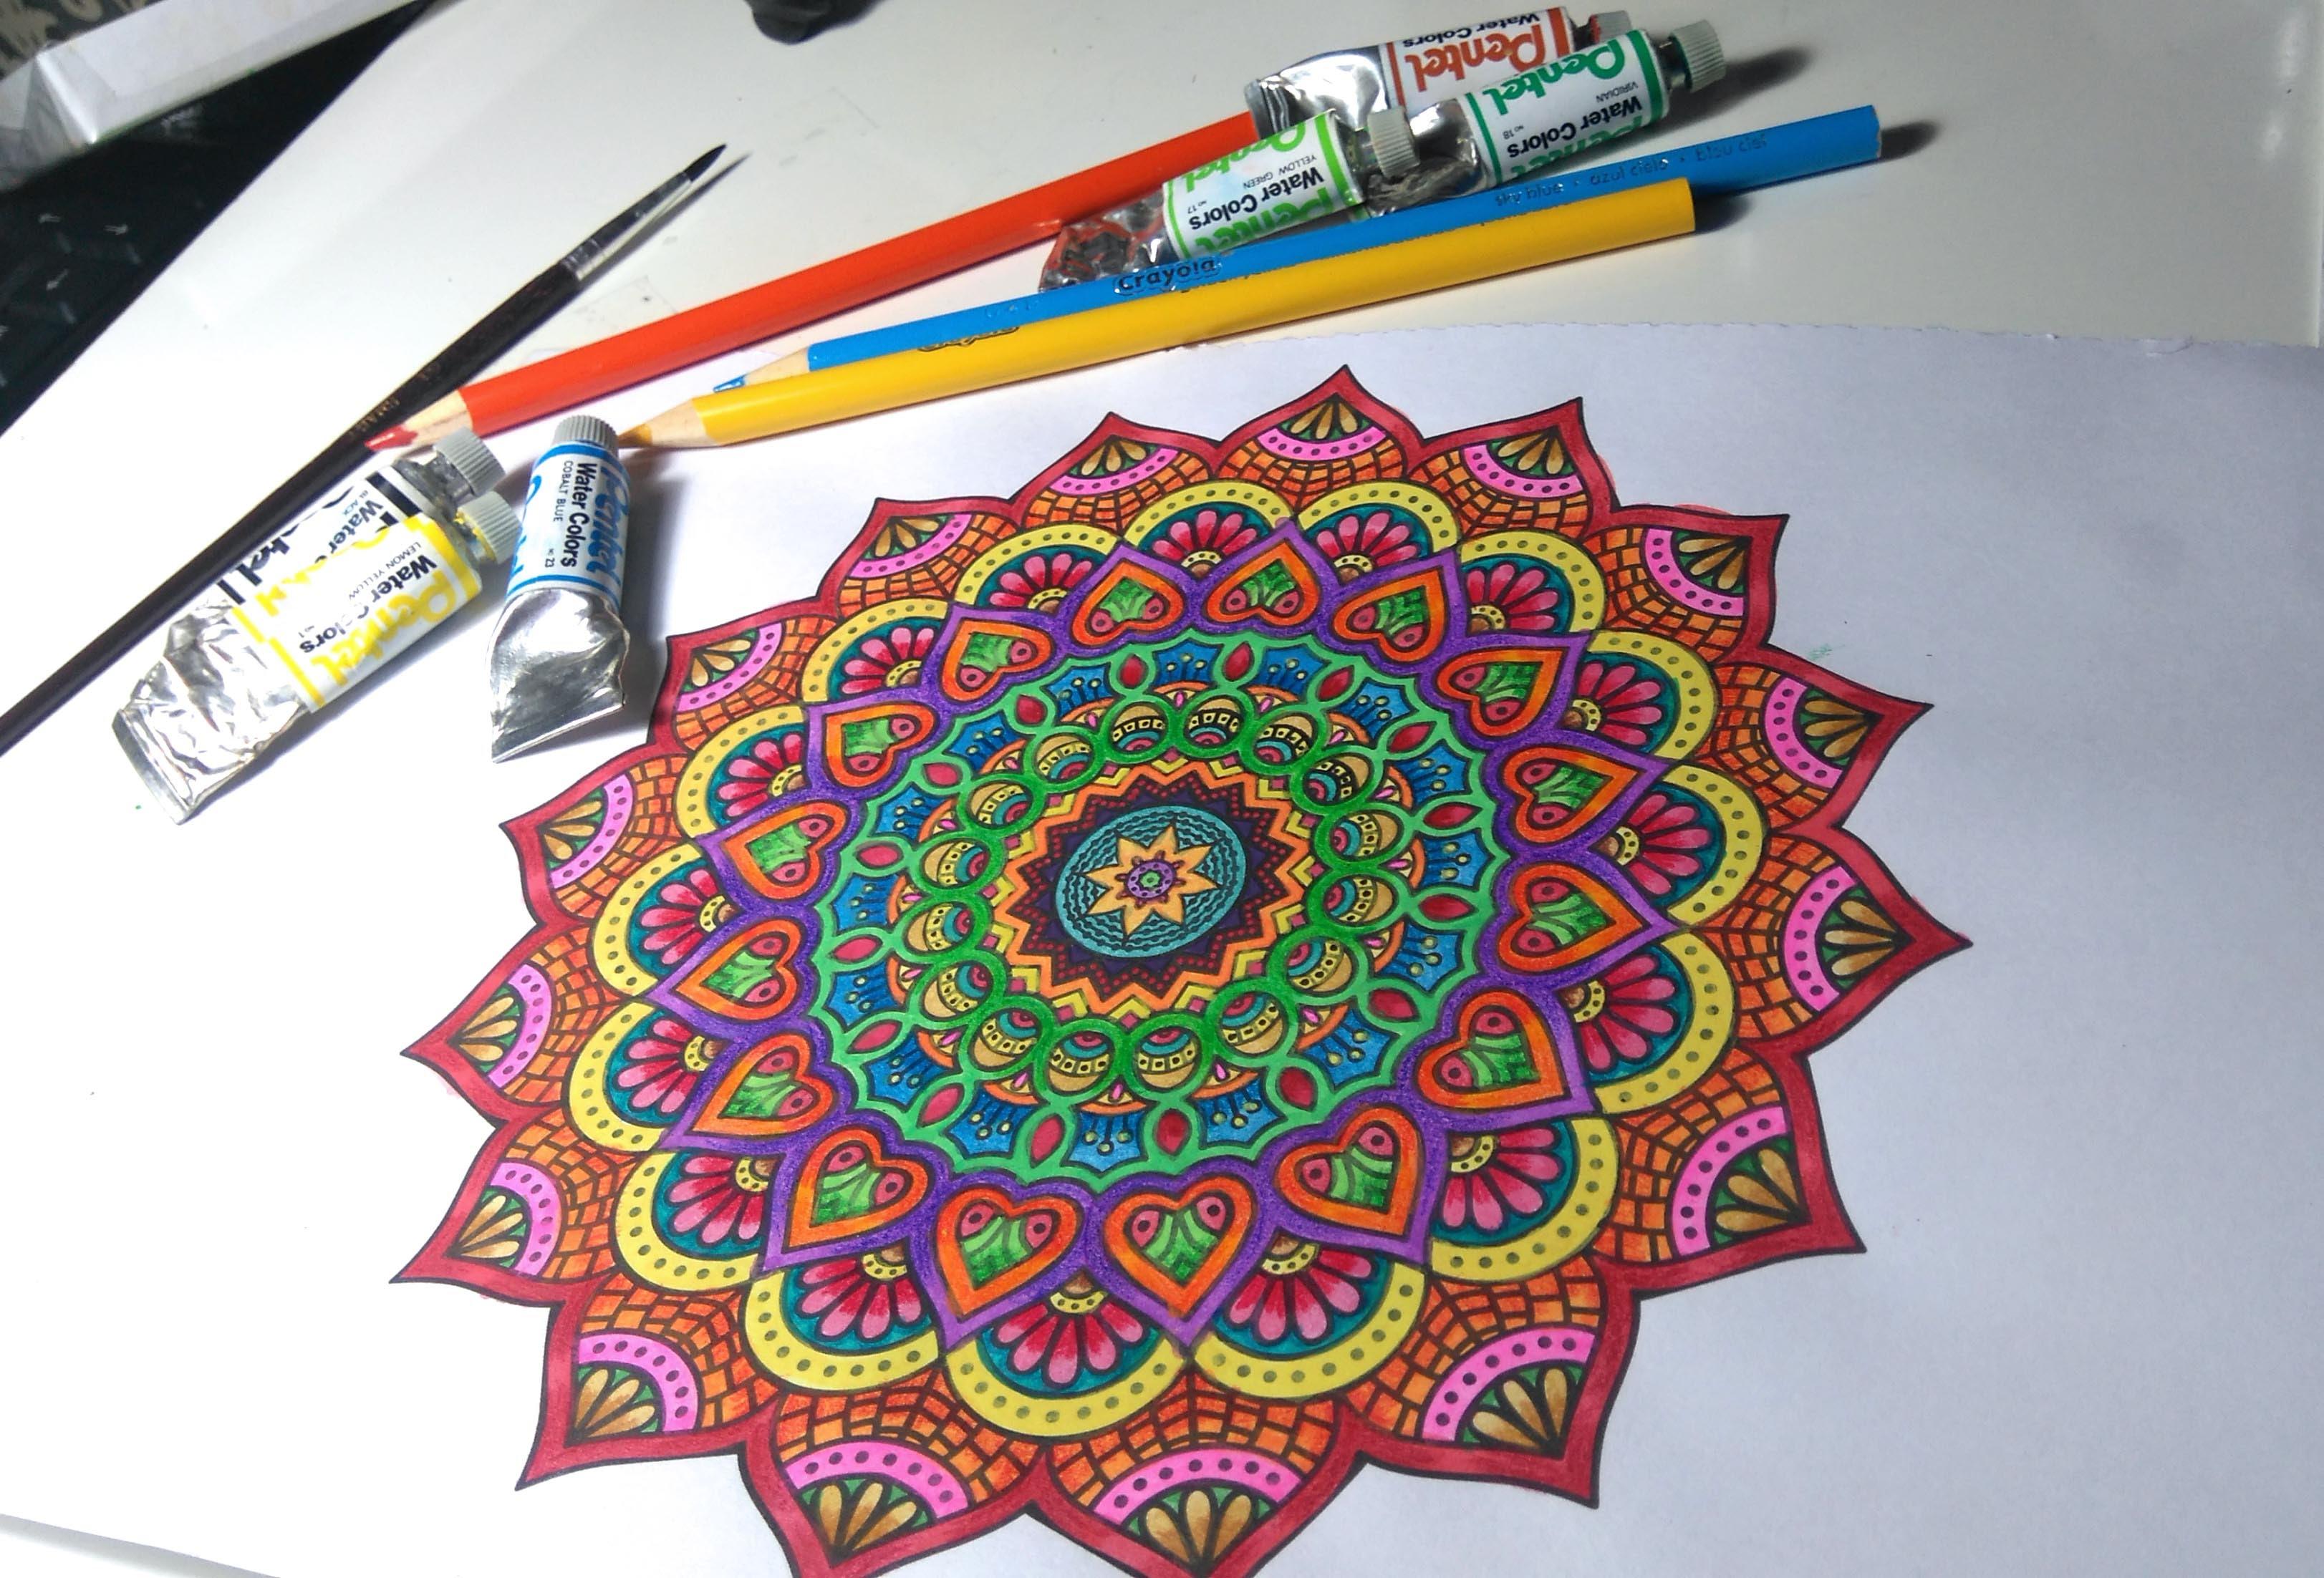 Tutoriels Idees D Activite Manuelle Adulte Creative